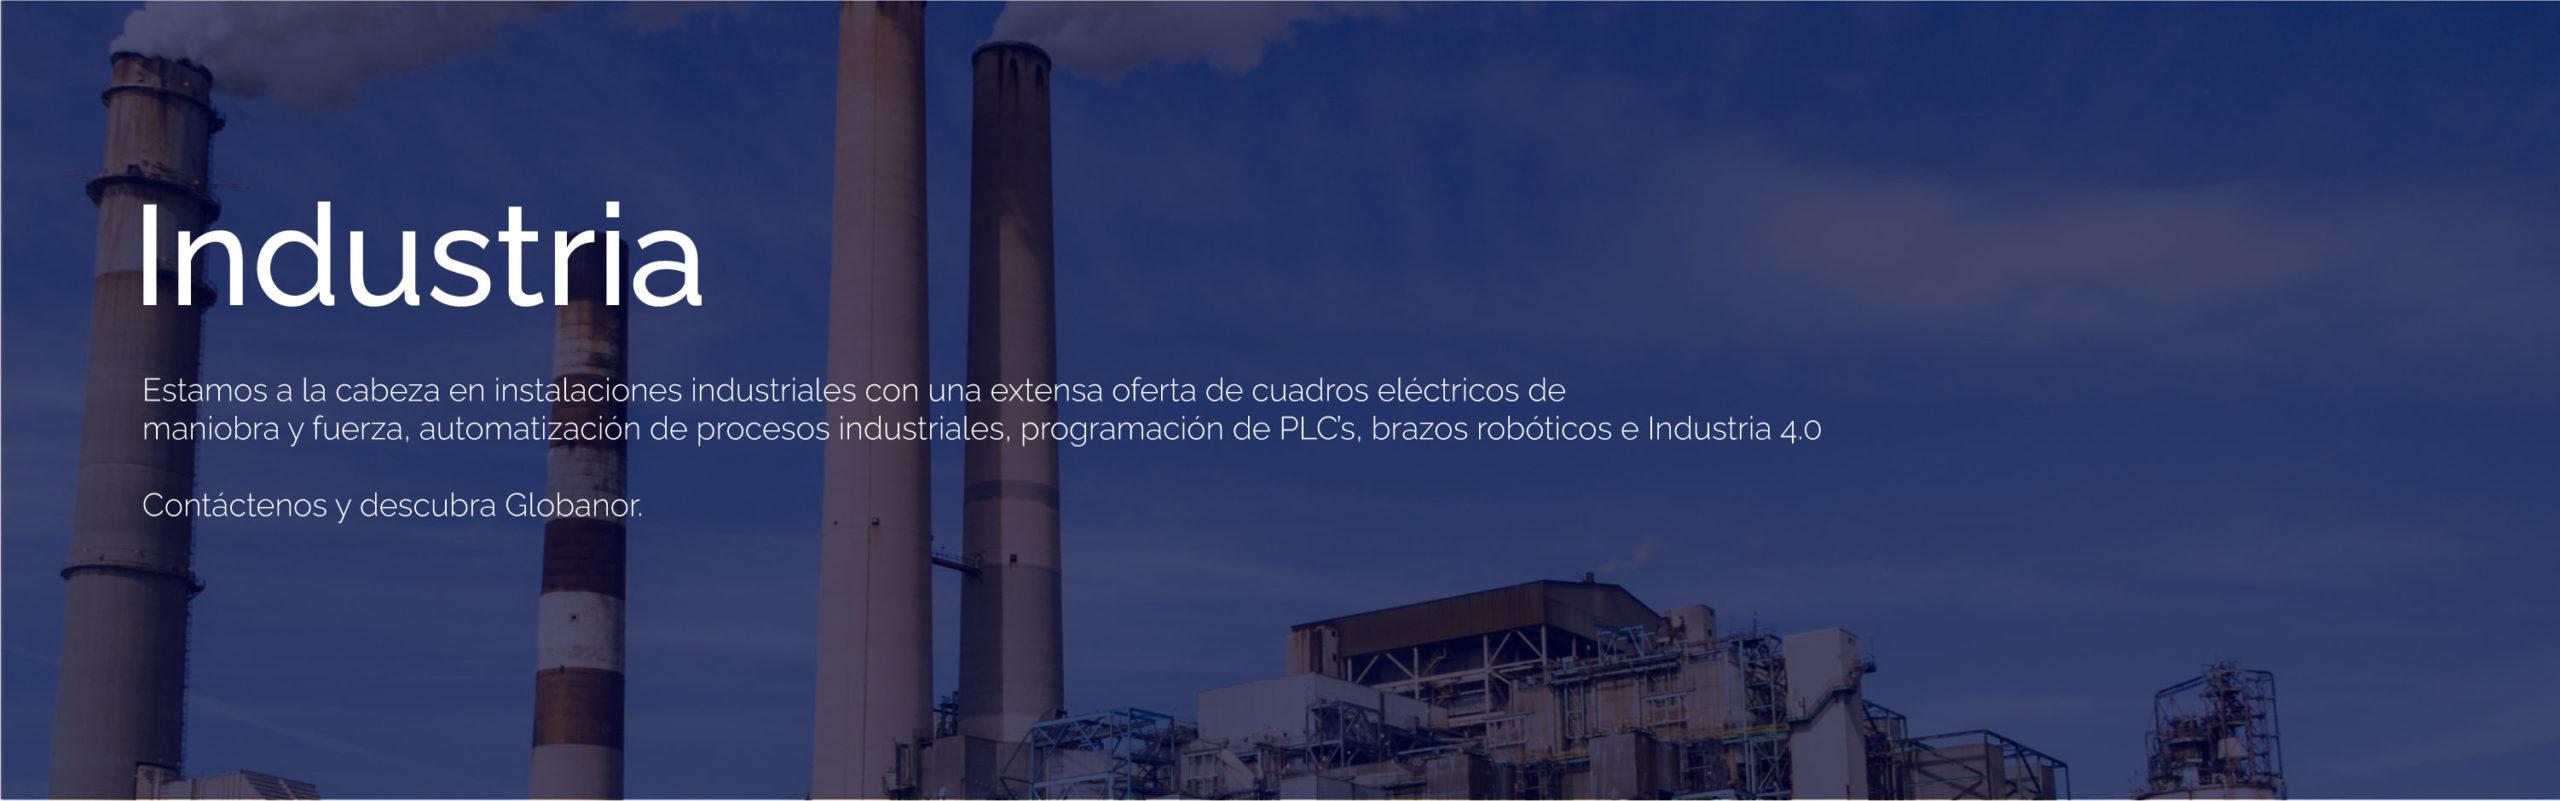 s_industria